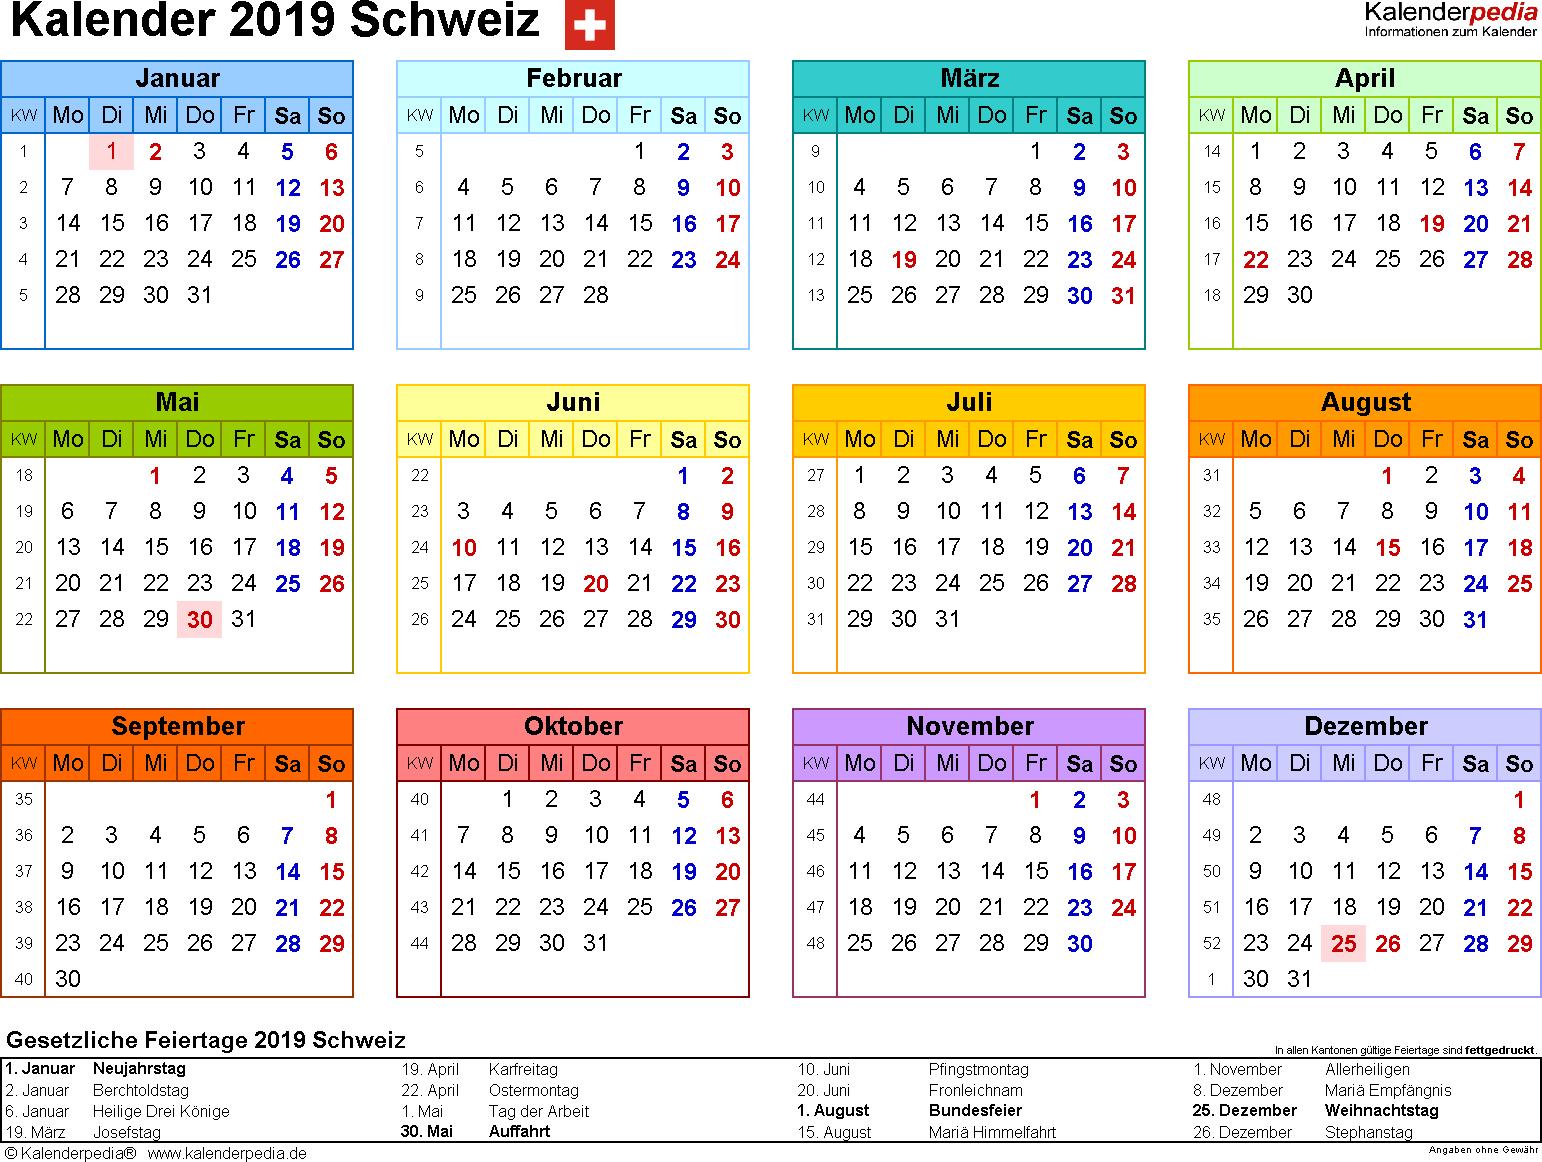 Vorlage 8: Kalender 2019 für die <span style=white-space:nowrap;>Schweiz als PDF-Datei, Querformat, 1 Seite, Jahresübersicht, in Farbe